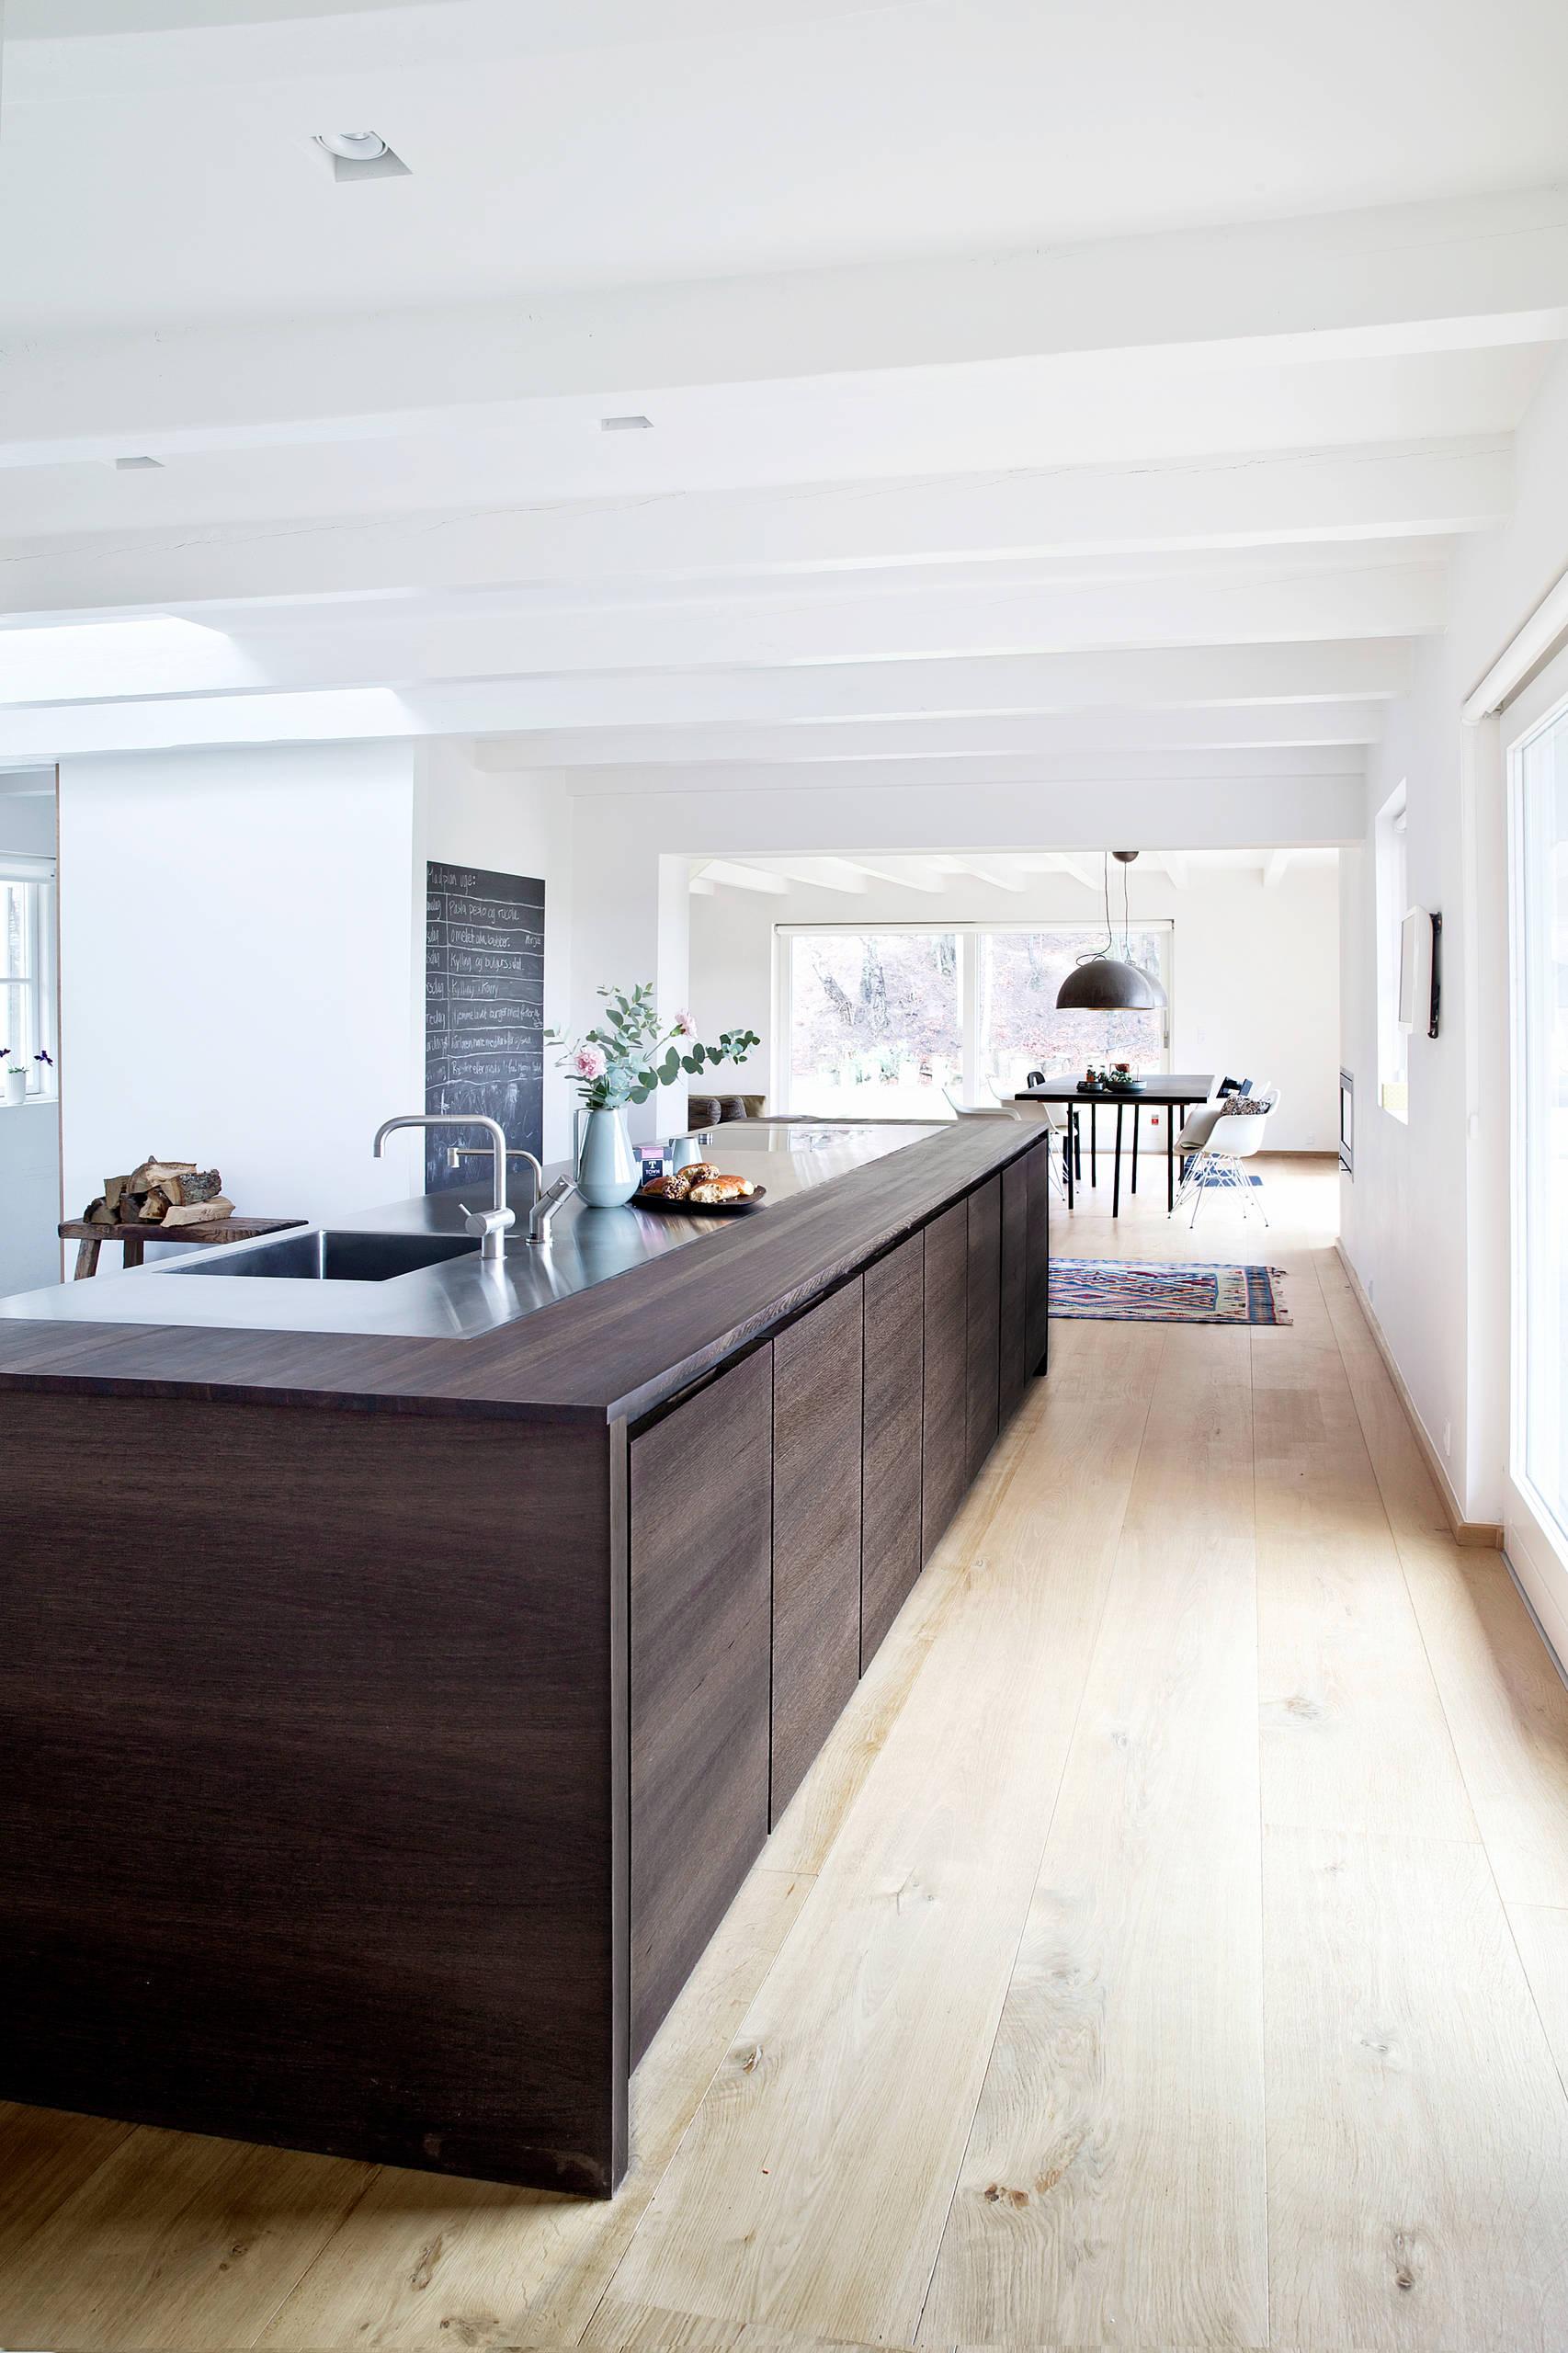 18 Stunning Modern Kitchen Designs That Will Make Your Day 17